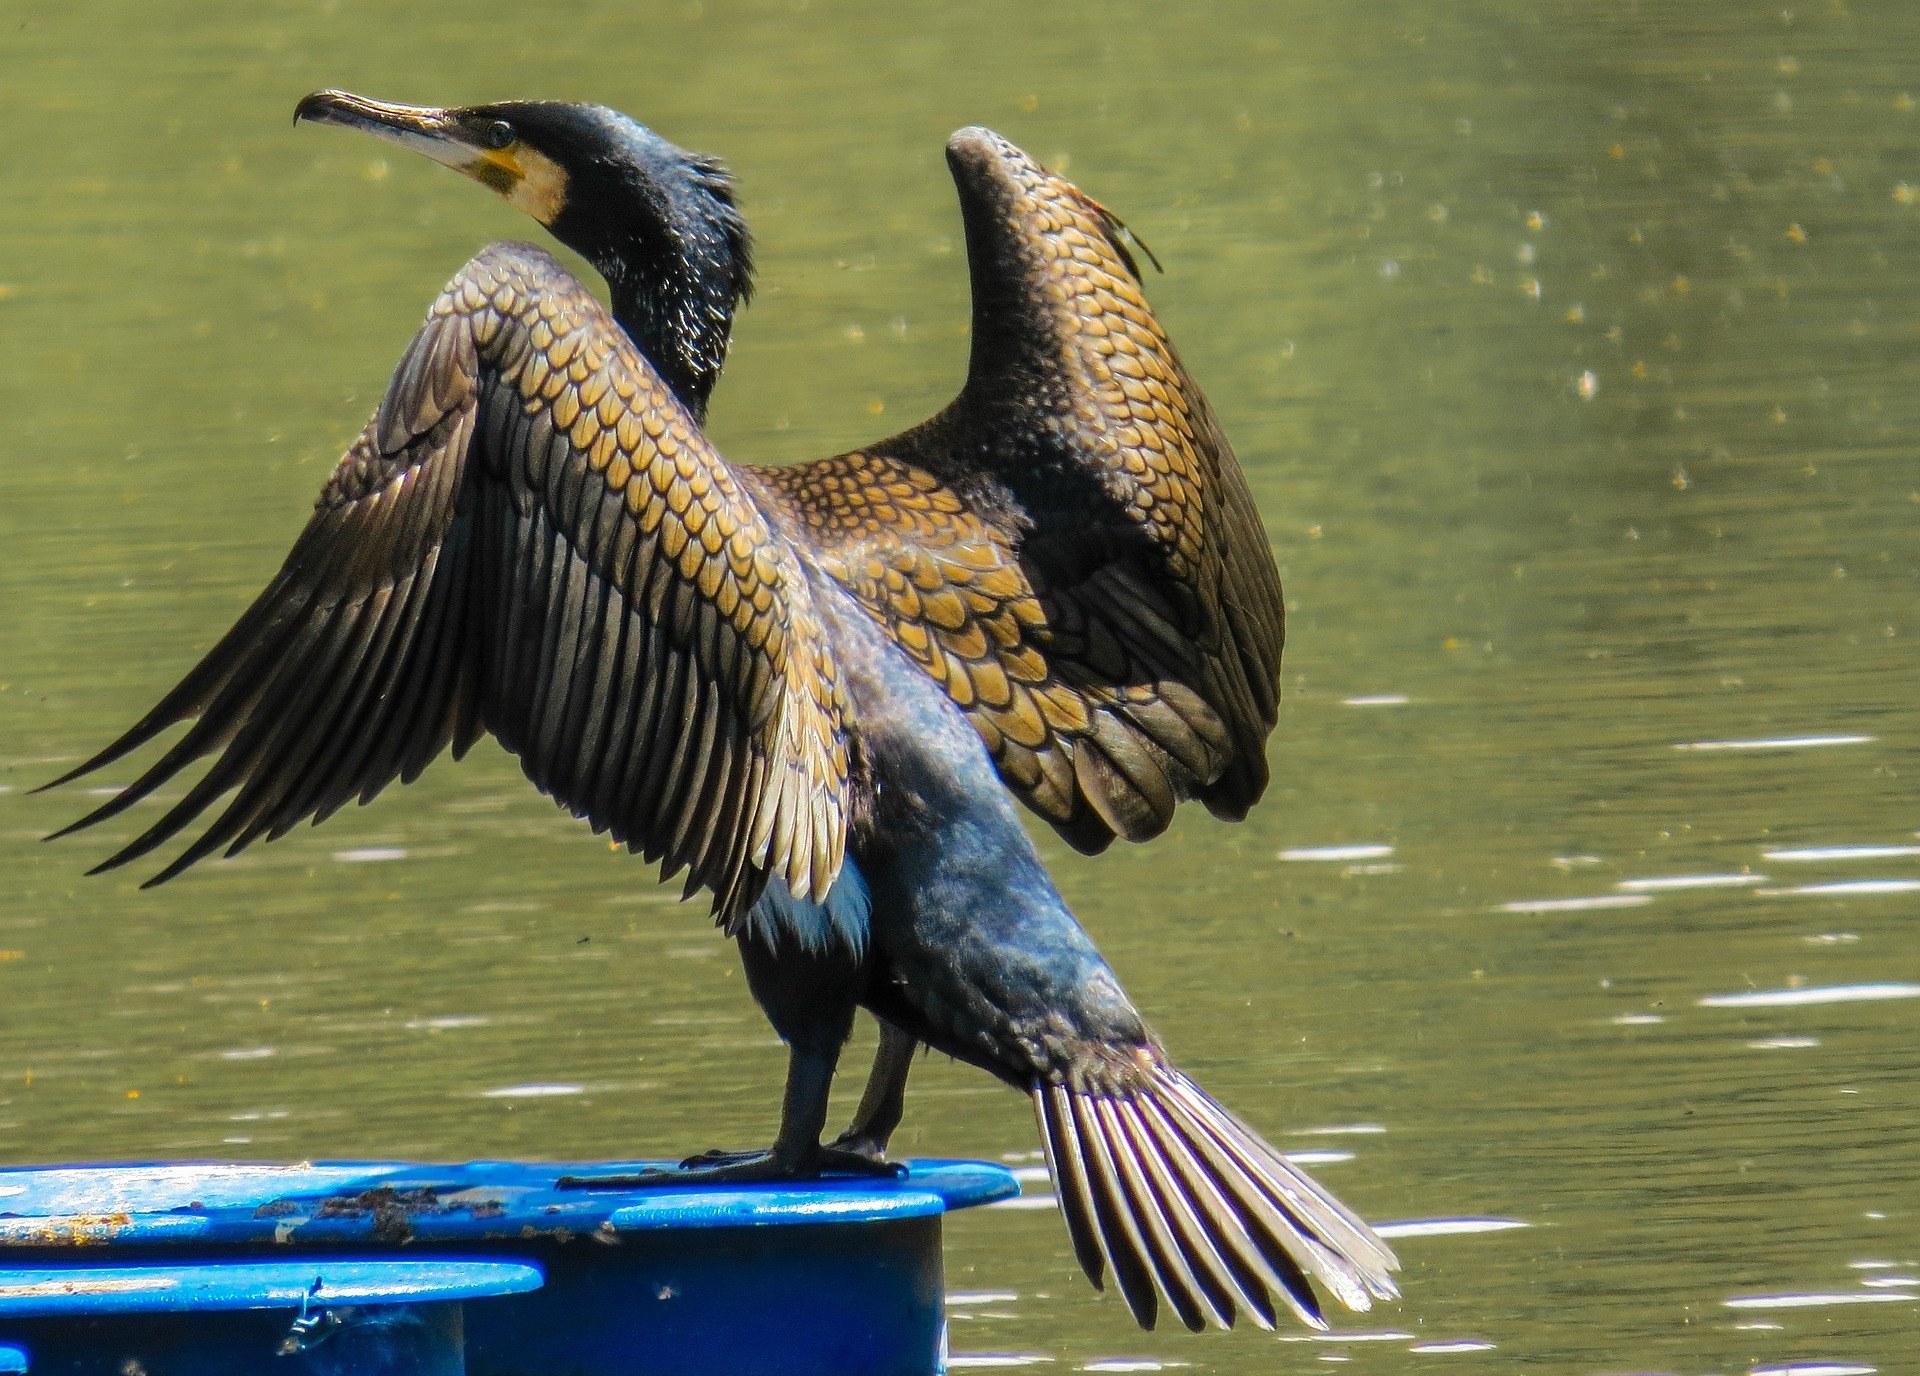 рисунком присутствует фото птиц бакланов молитвы обеспечат упокой